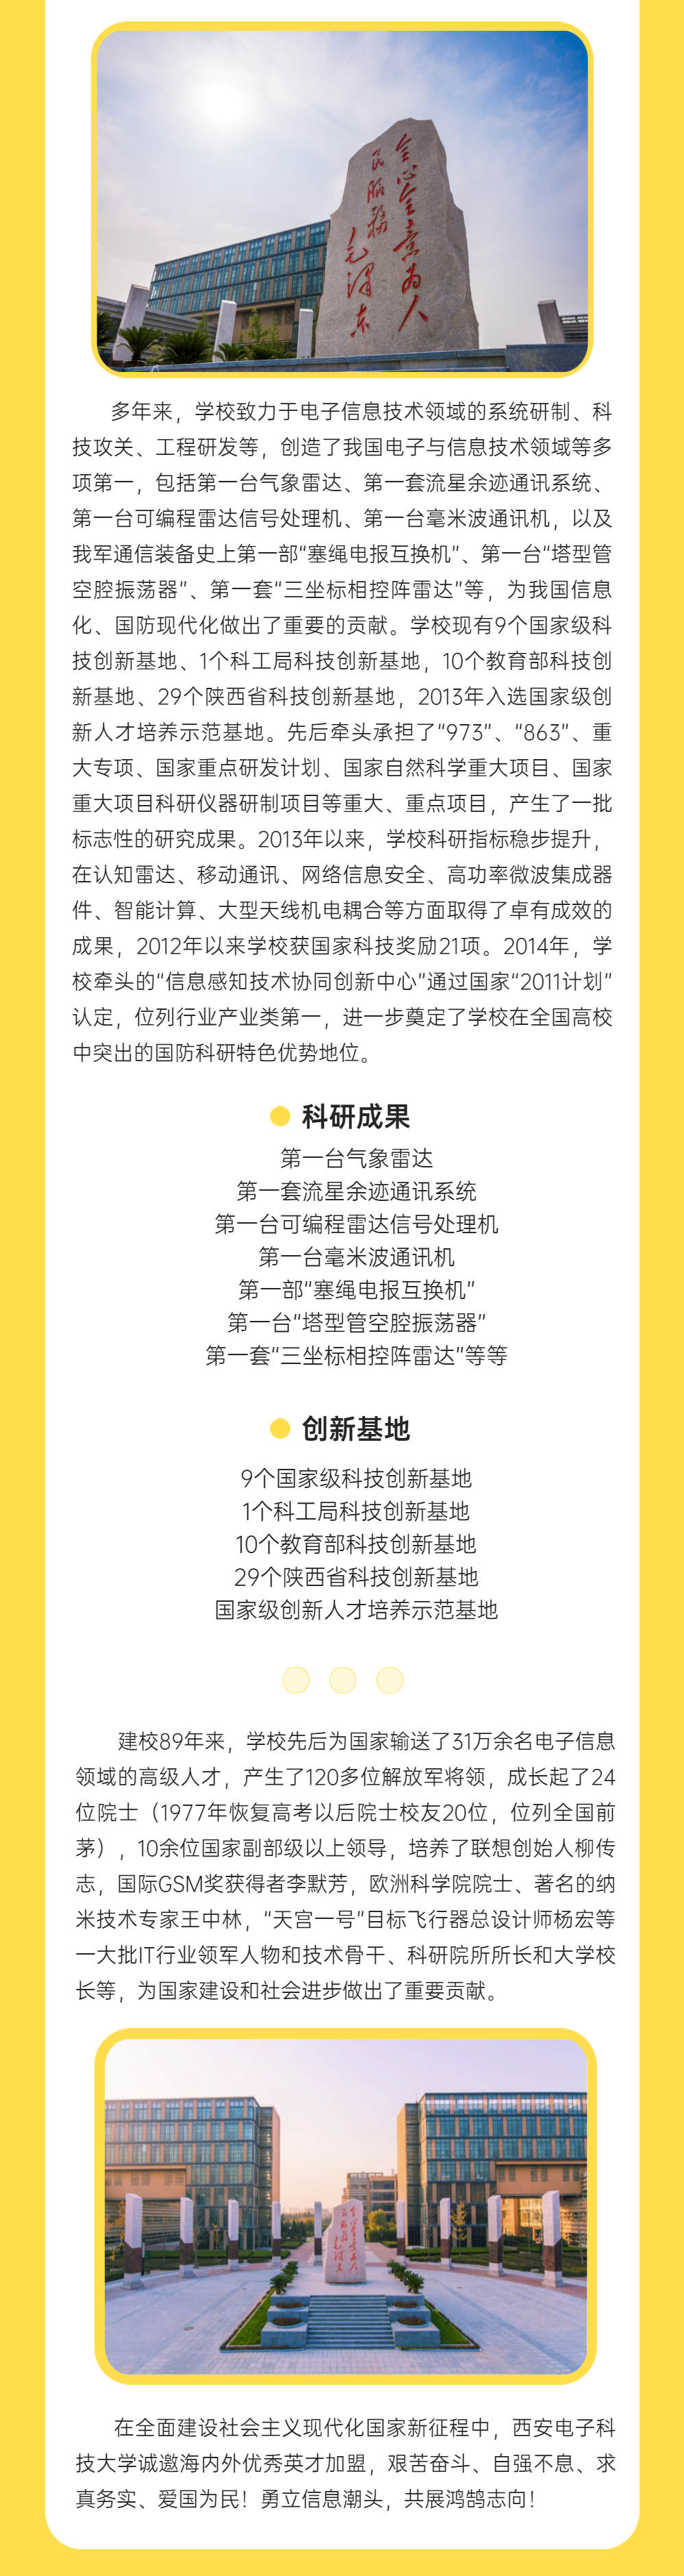 海外优青:西安电子科技大学邀你乘风破浪